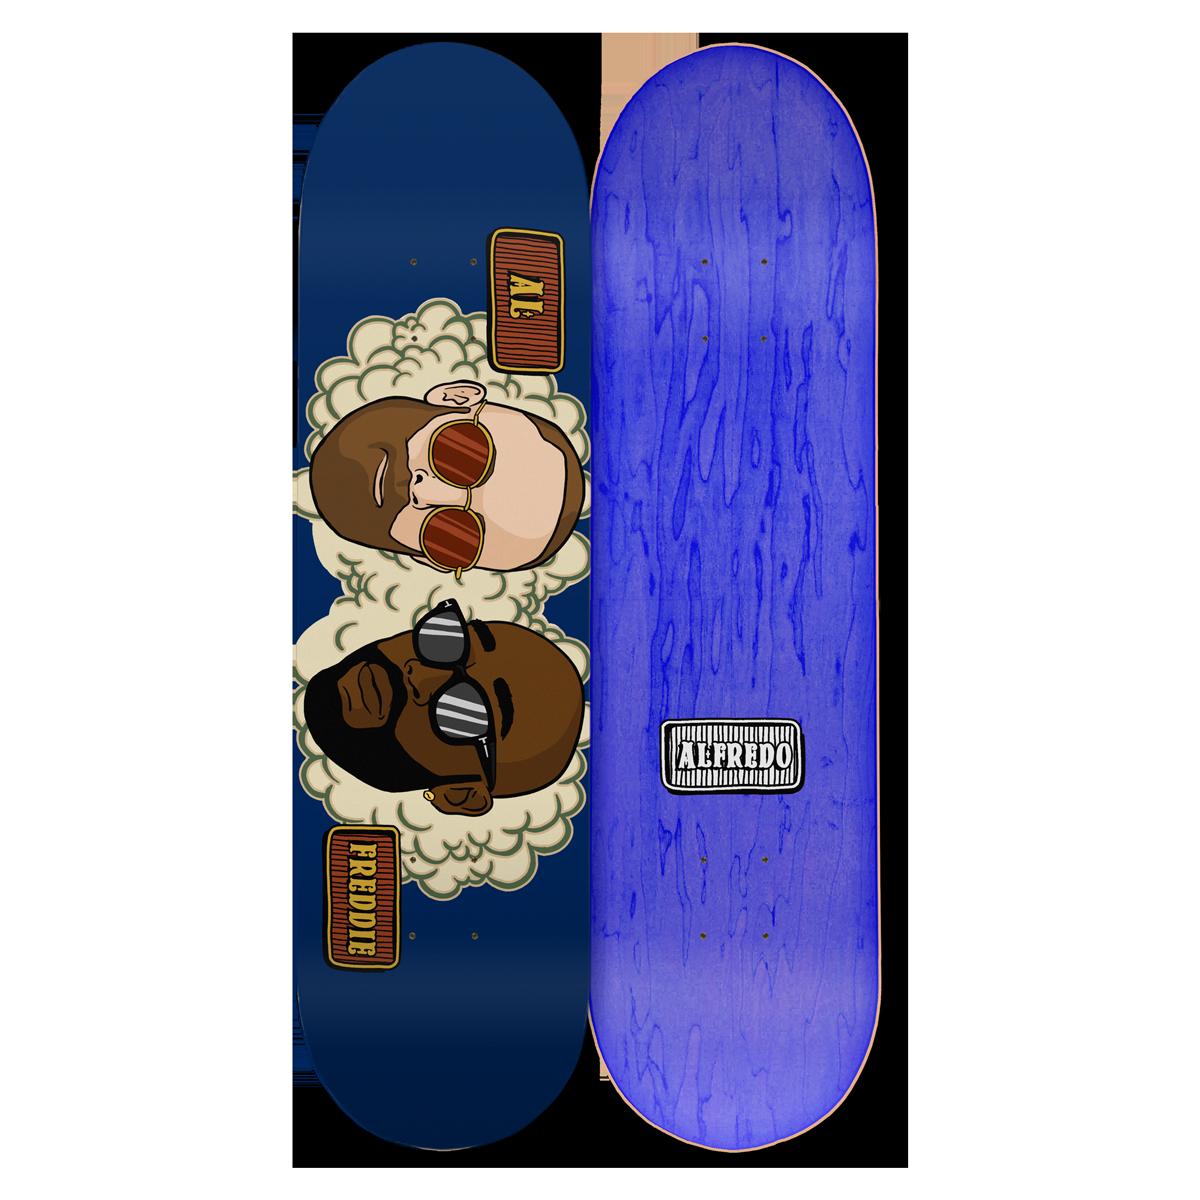 Smokey Skate Deck